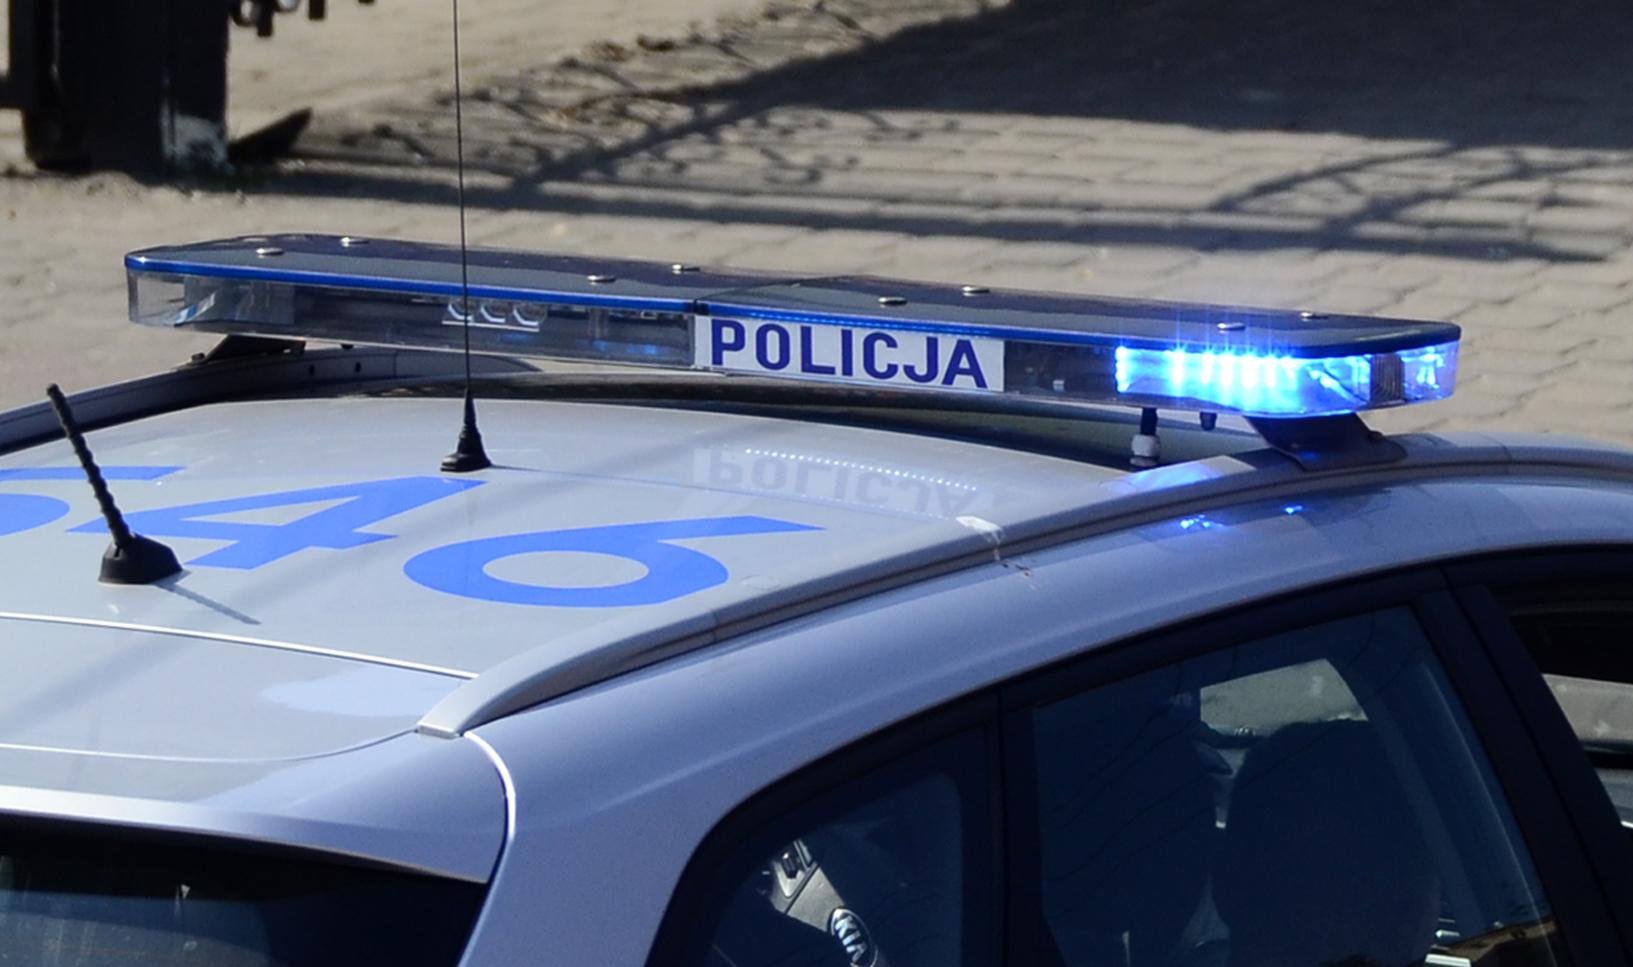 Podkarpacie: Policjanci ostrzelali samochód w Tarnobrzegu - Zdjęcie główne